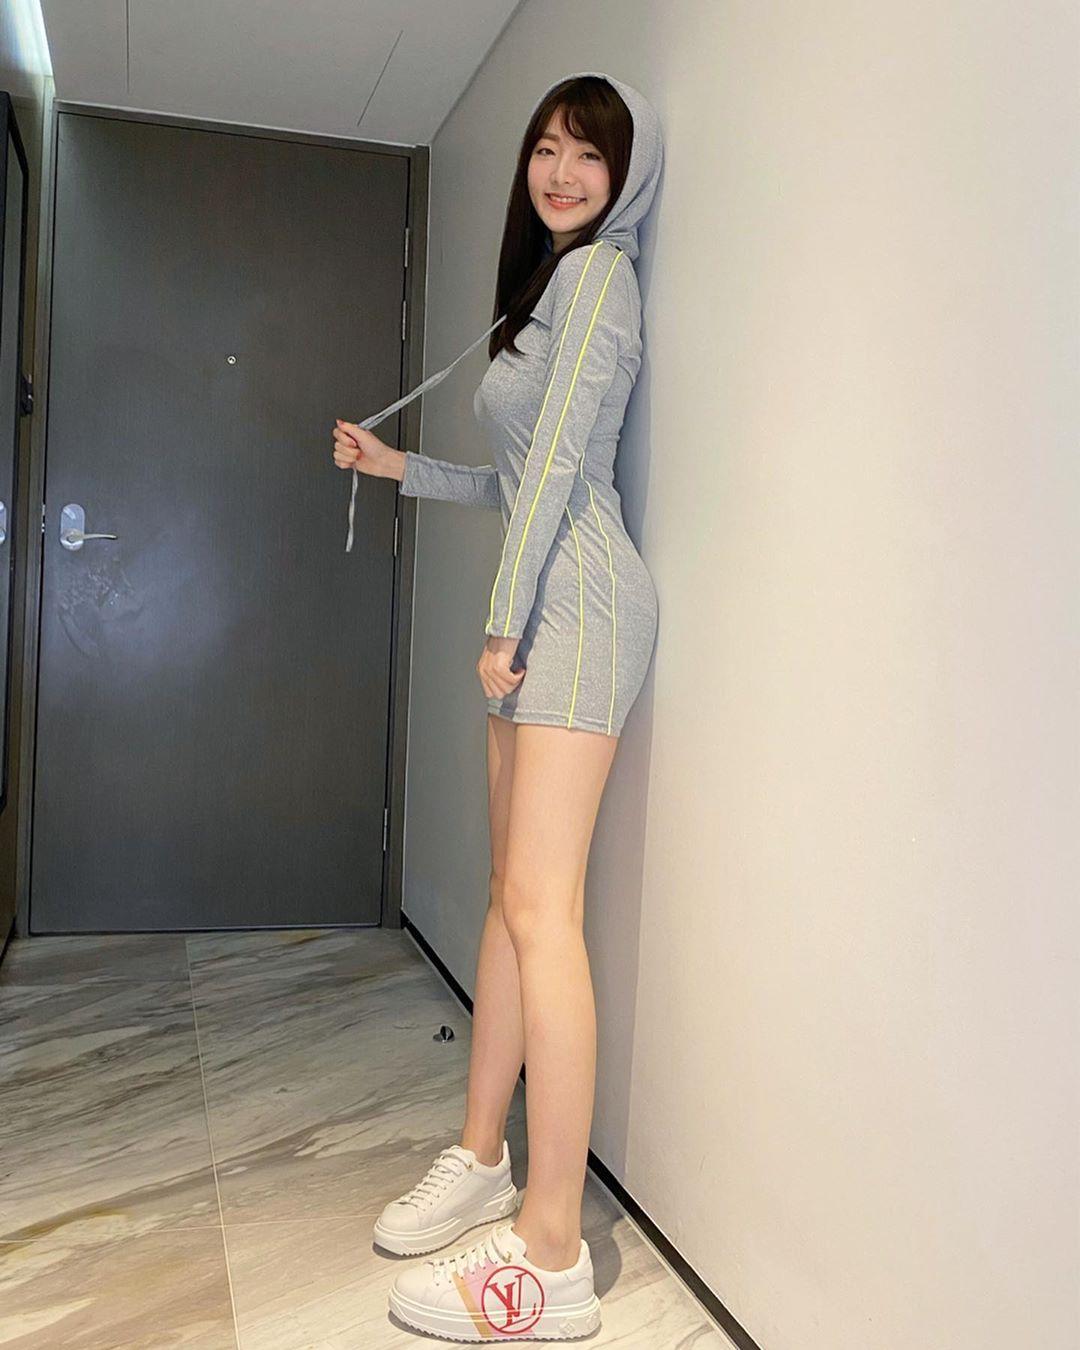 真理褲藏小心機!超兇女星辣曬「S曲線緊身衣」 網嗨:腿太美~